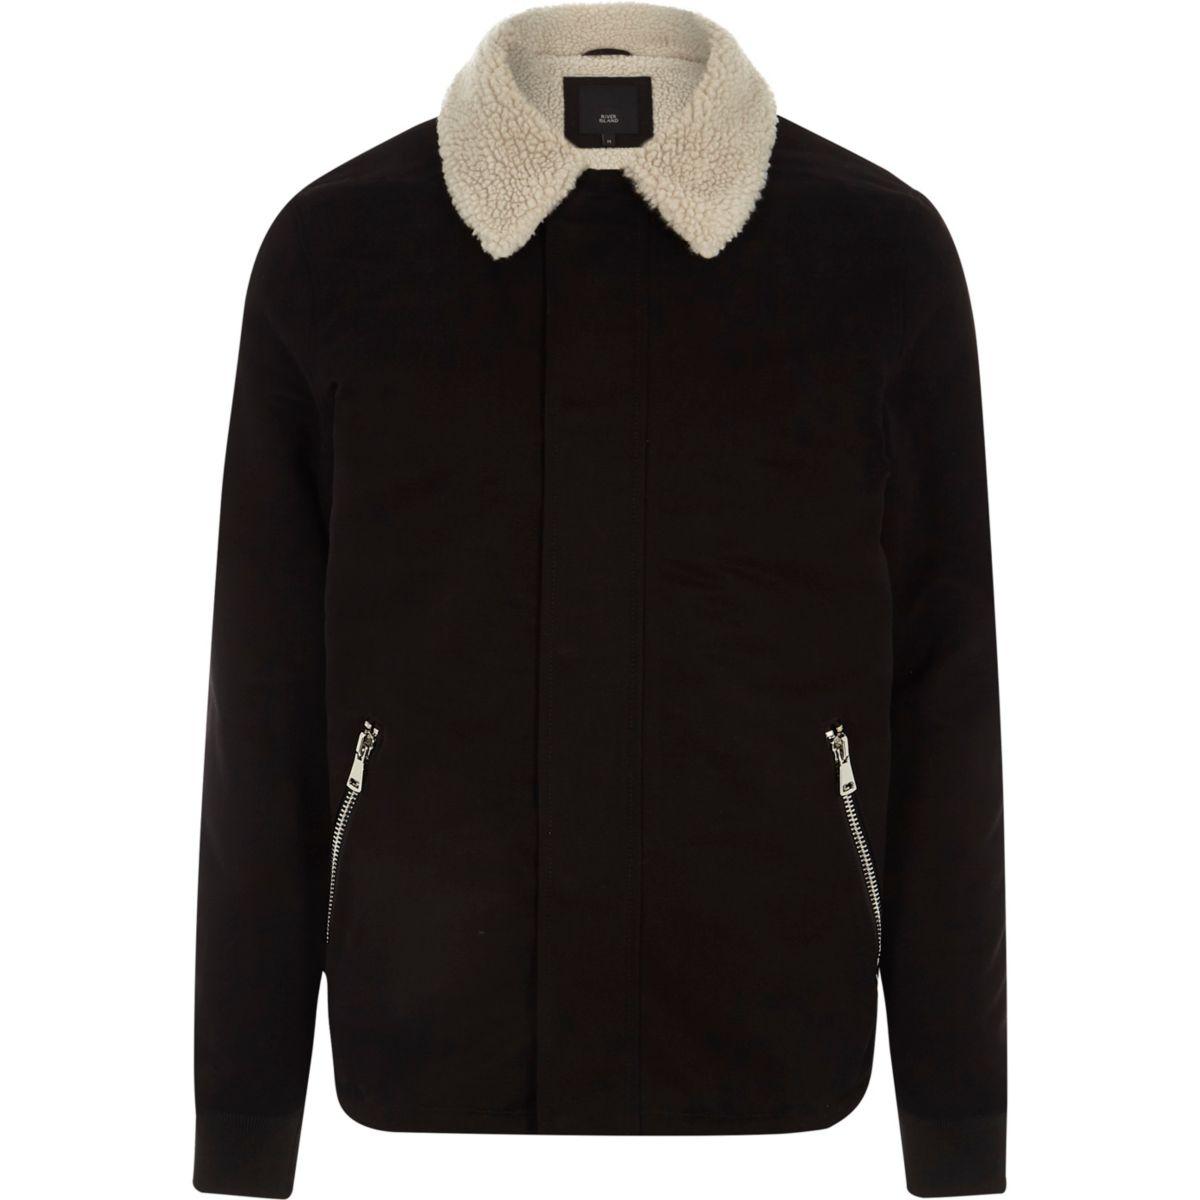 veste noire avec col effet peau de mouton manteaux. Black Bedroom Furniture Sets. Home Design Ideas